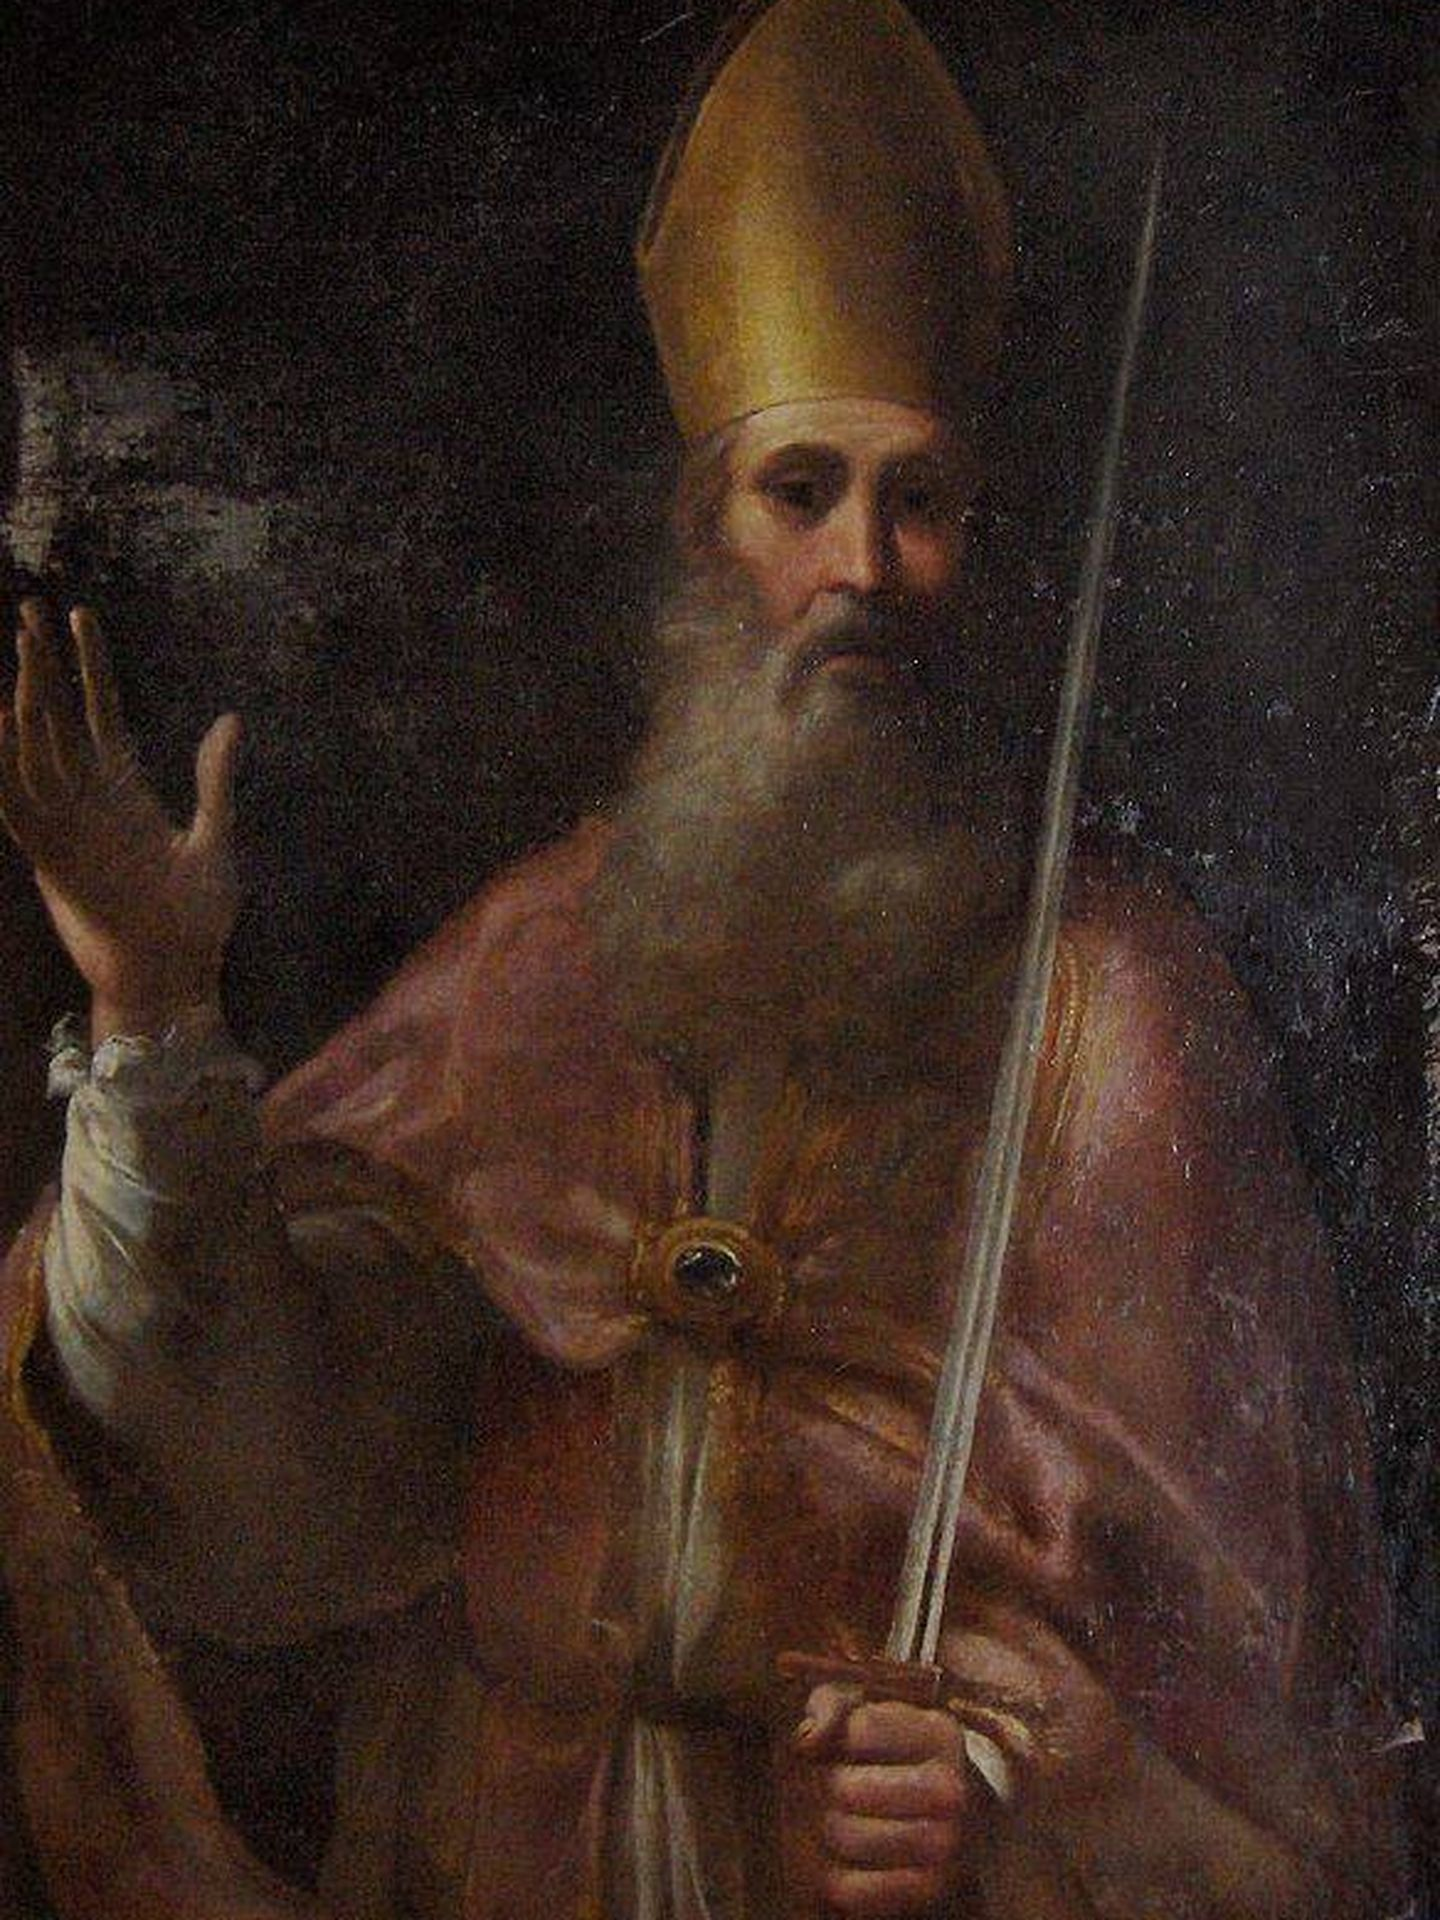 Pintura de 'El Santo Rómulo', en la catedral de San Siro, en Italia. (C.C.)